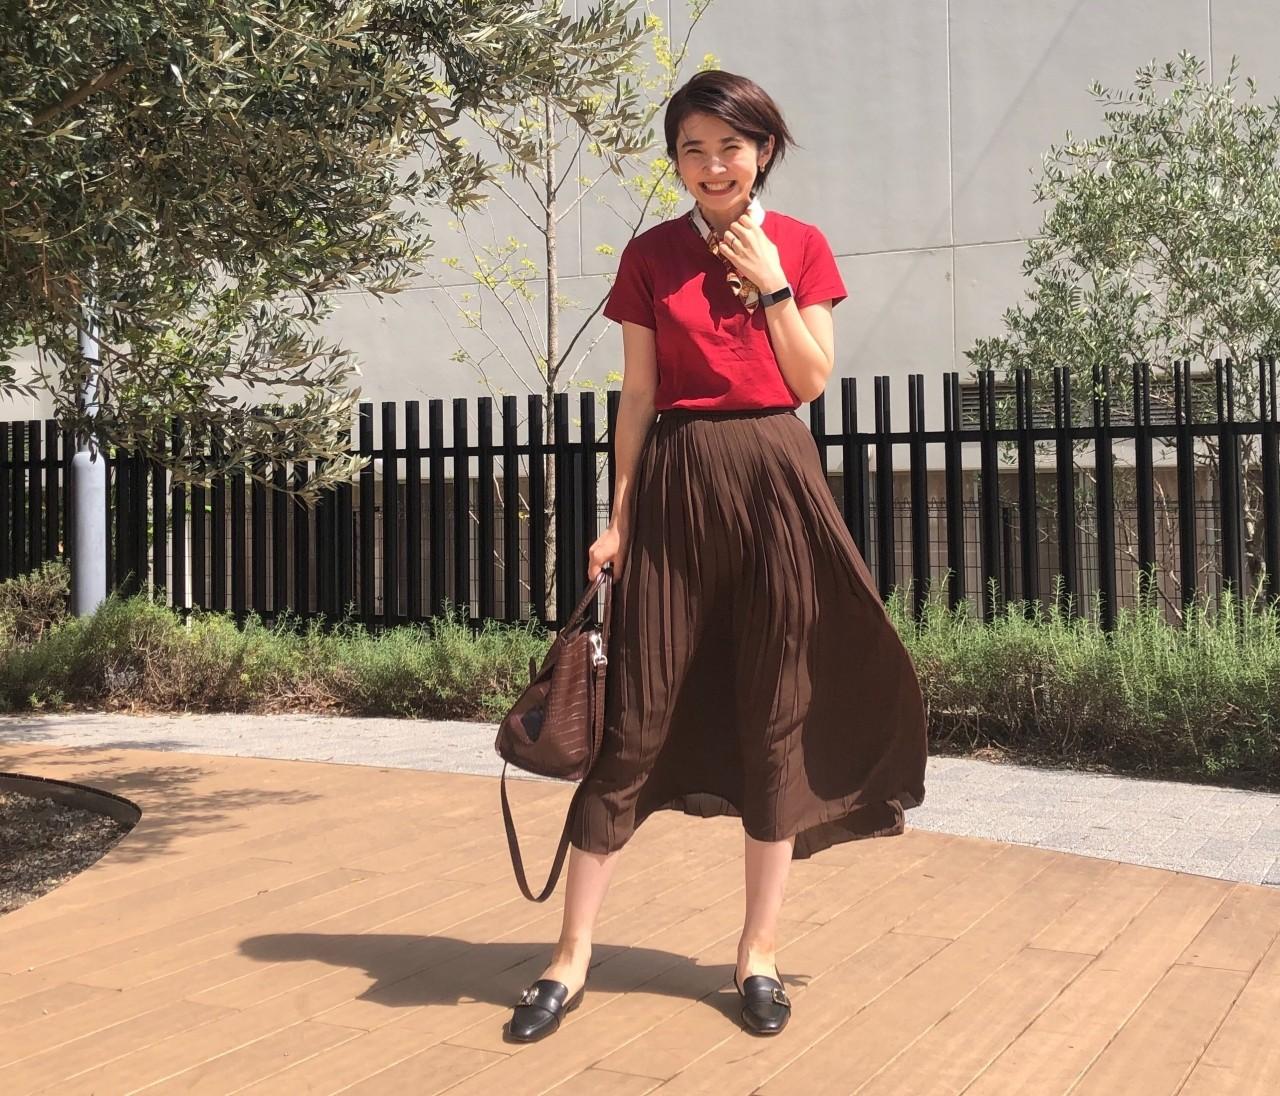 【ユニクロ】定番!プリーツスカートがオールシーズン使える。